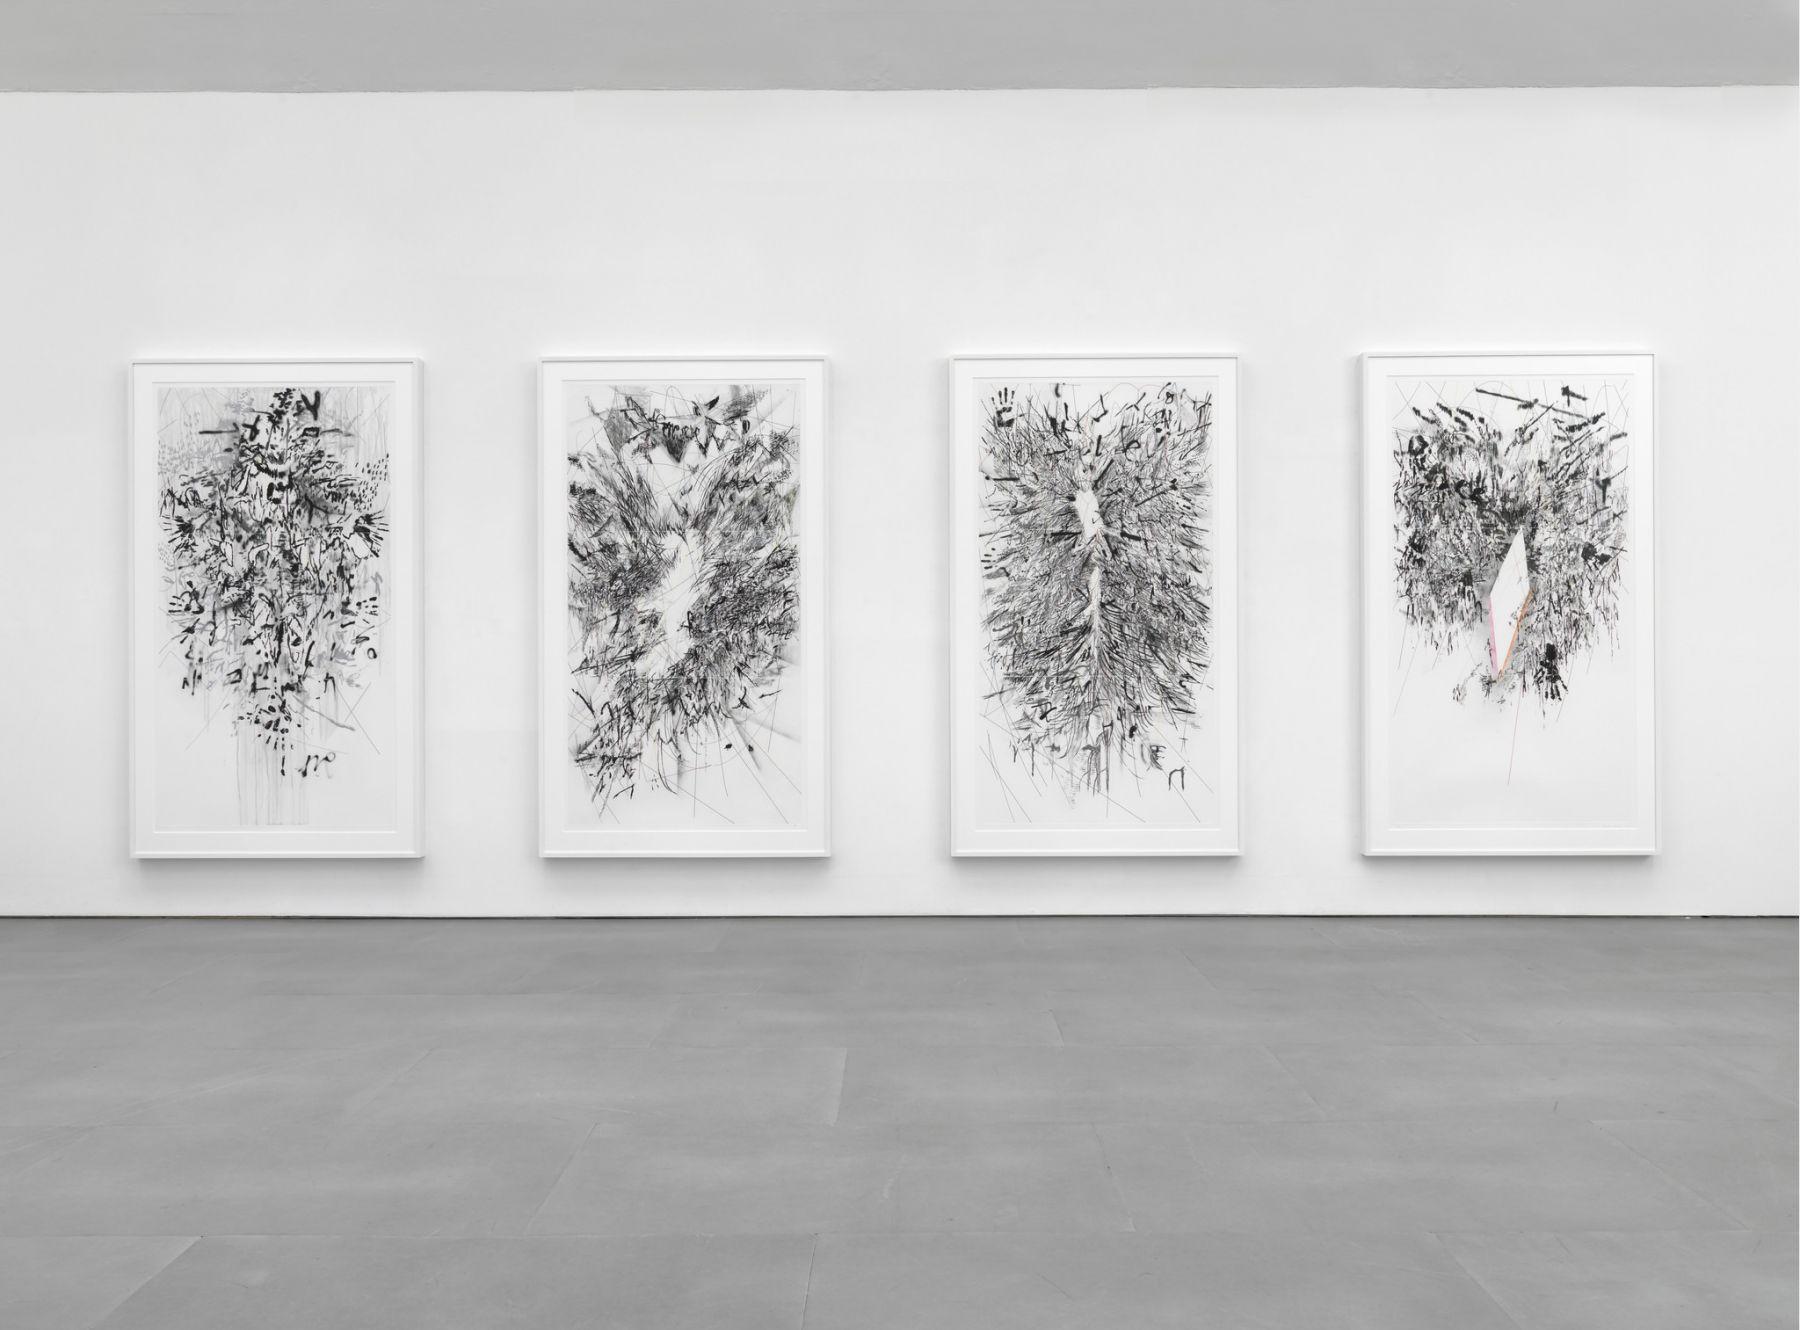 Julie Mehretu, Myriads, Only By Dark, 2014